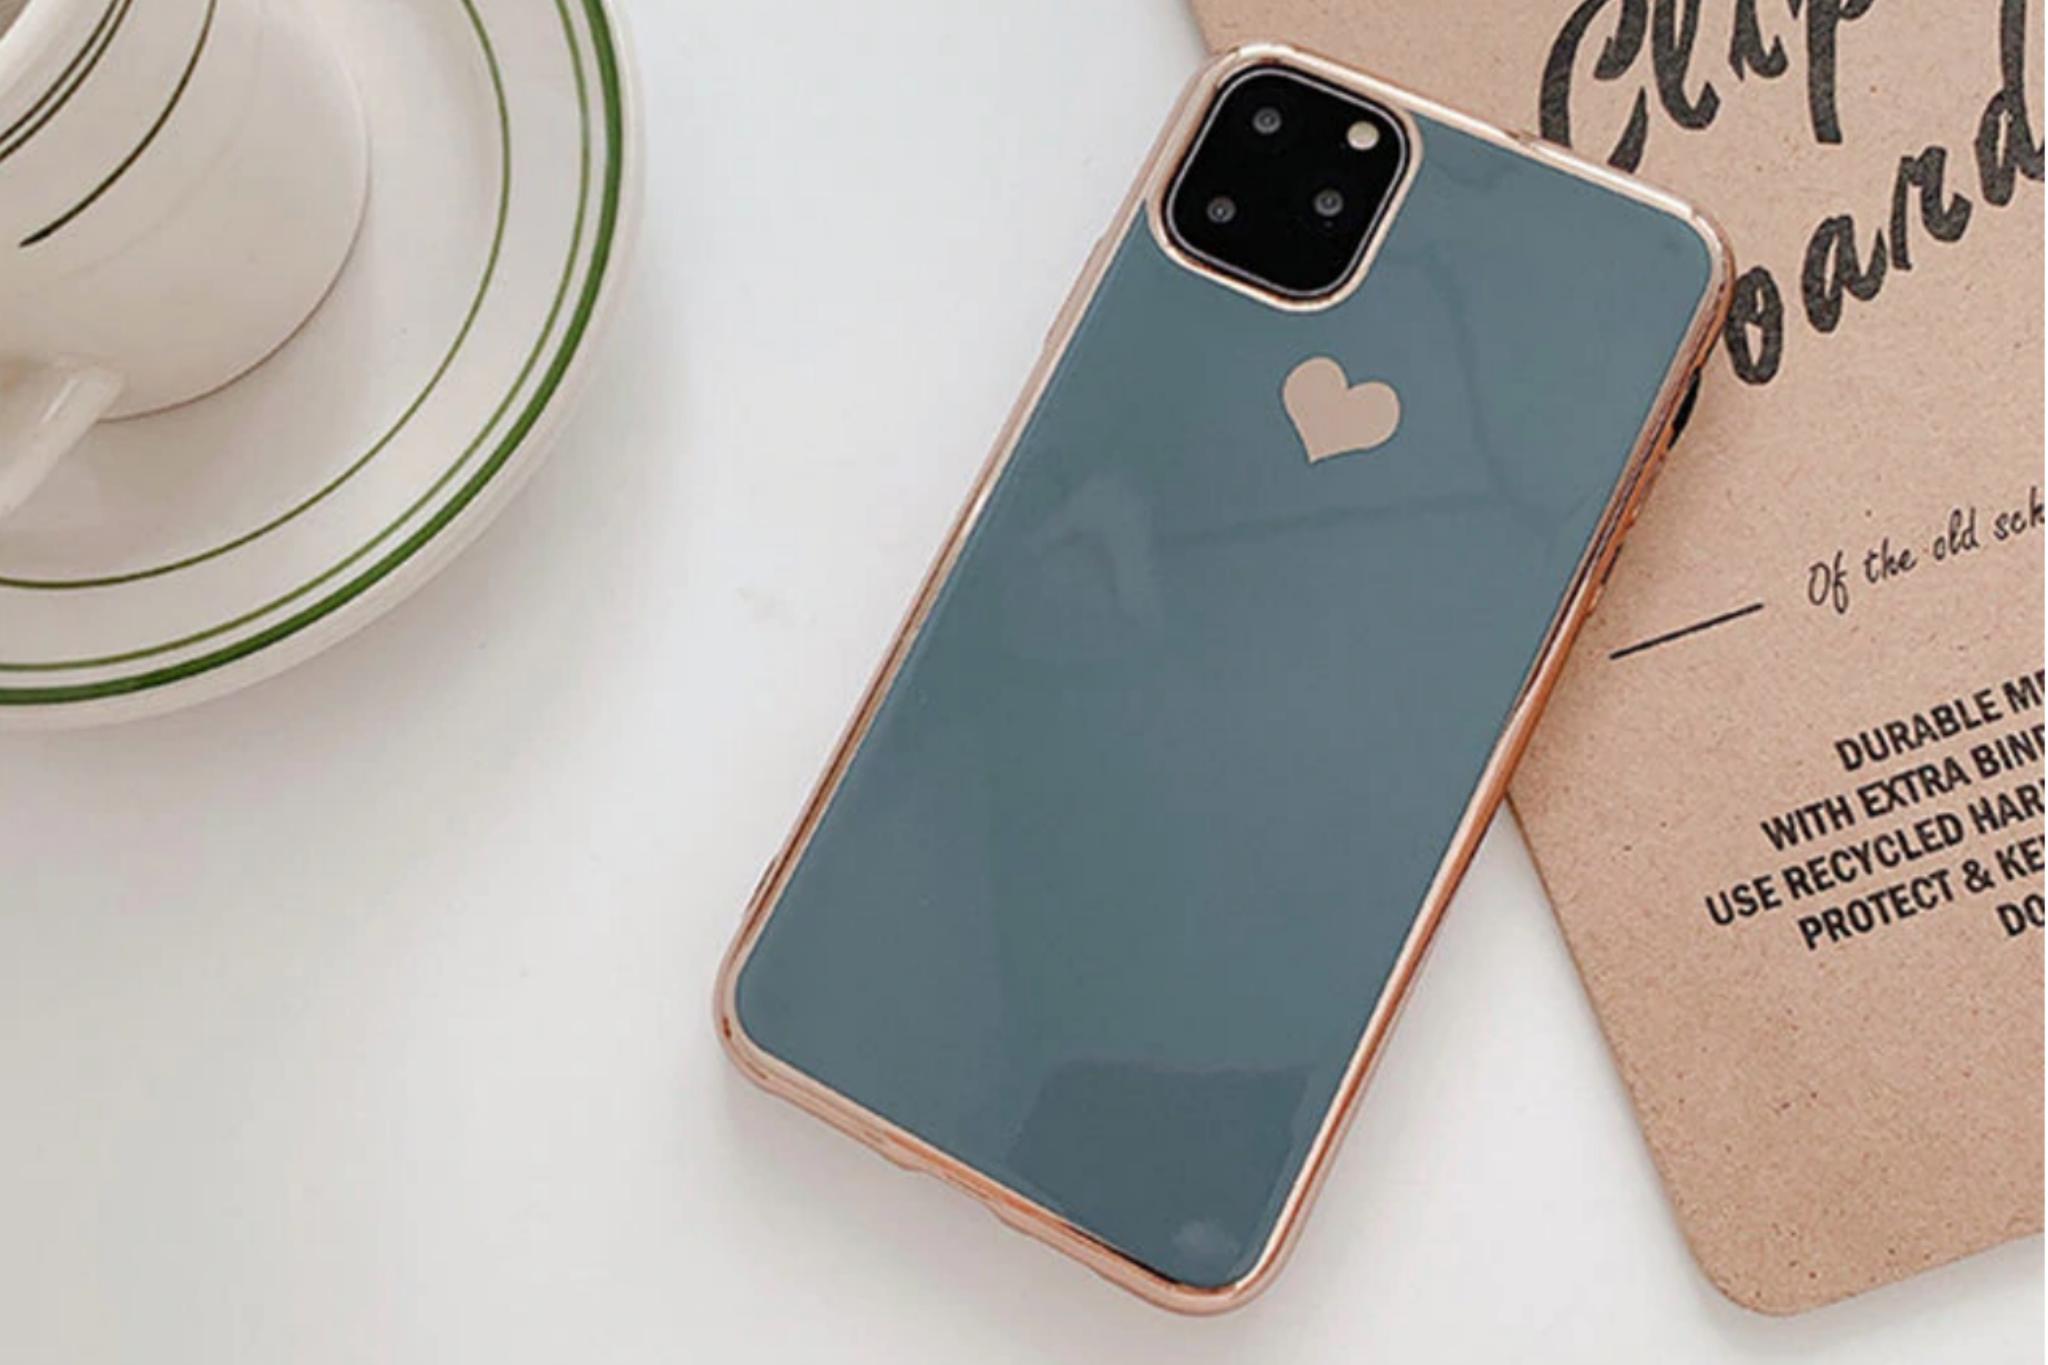 Smartphonehoesje iPhone 6 plus | Groen/blauw